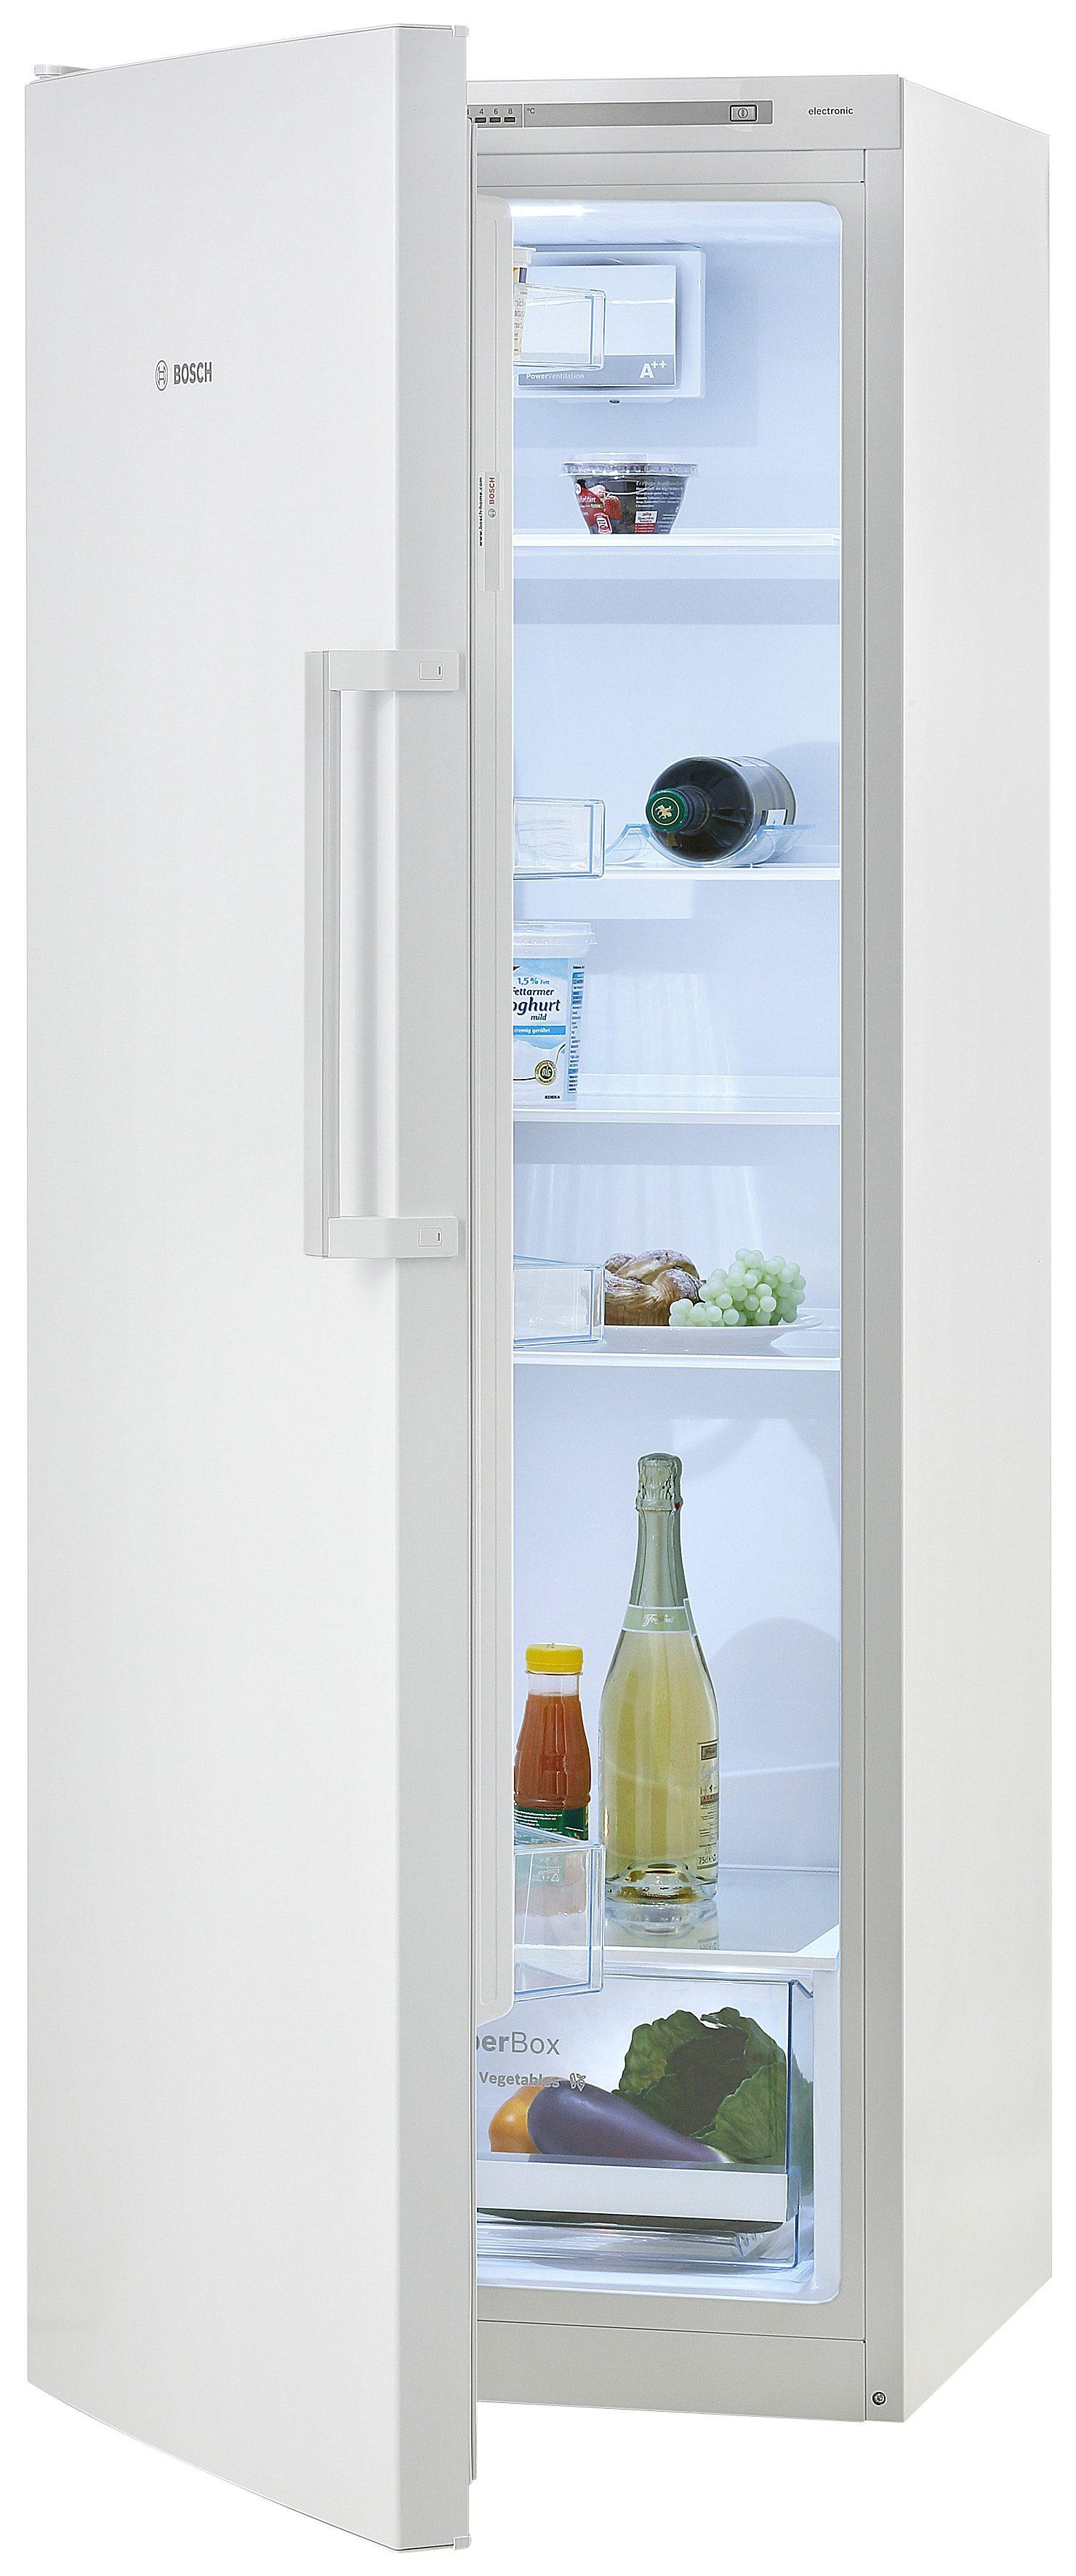 BOSCH Kühlschrank KSV29NW30, 161 cm hoch, 60 cm breit